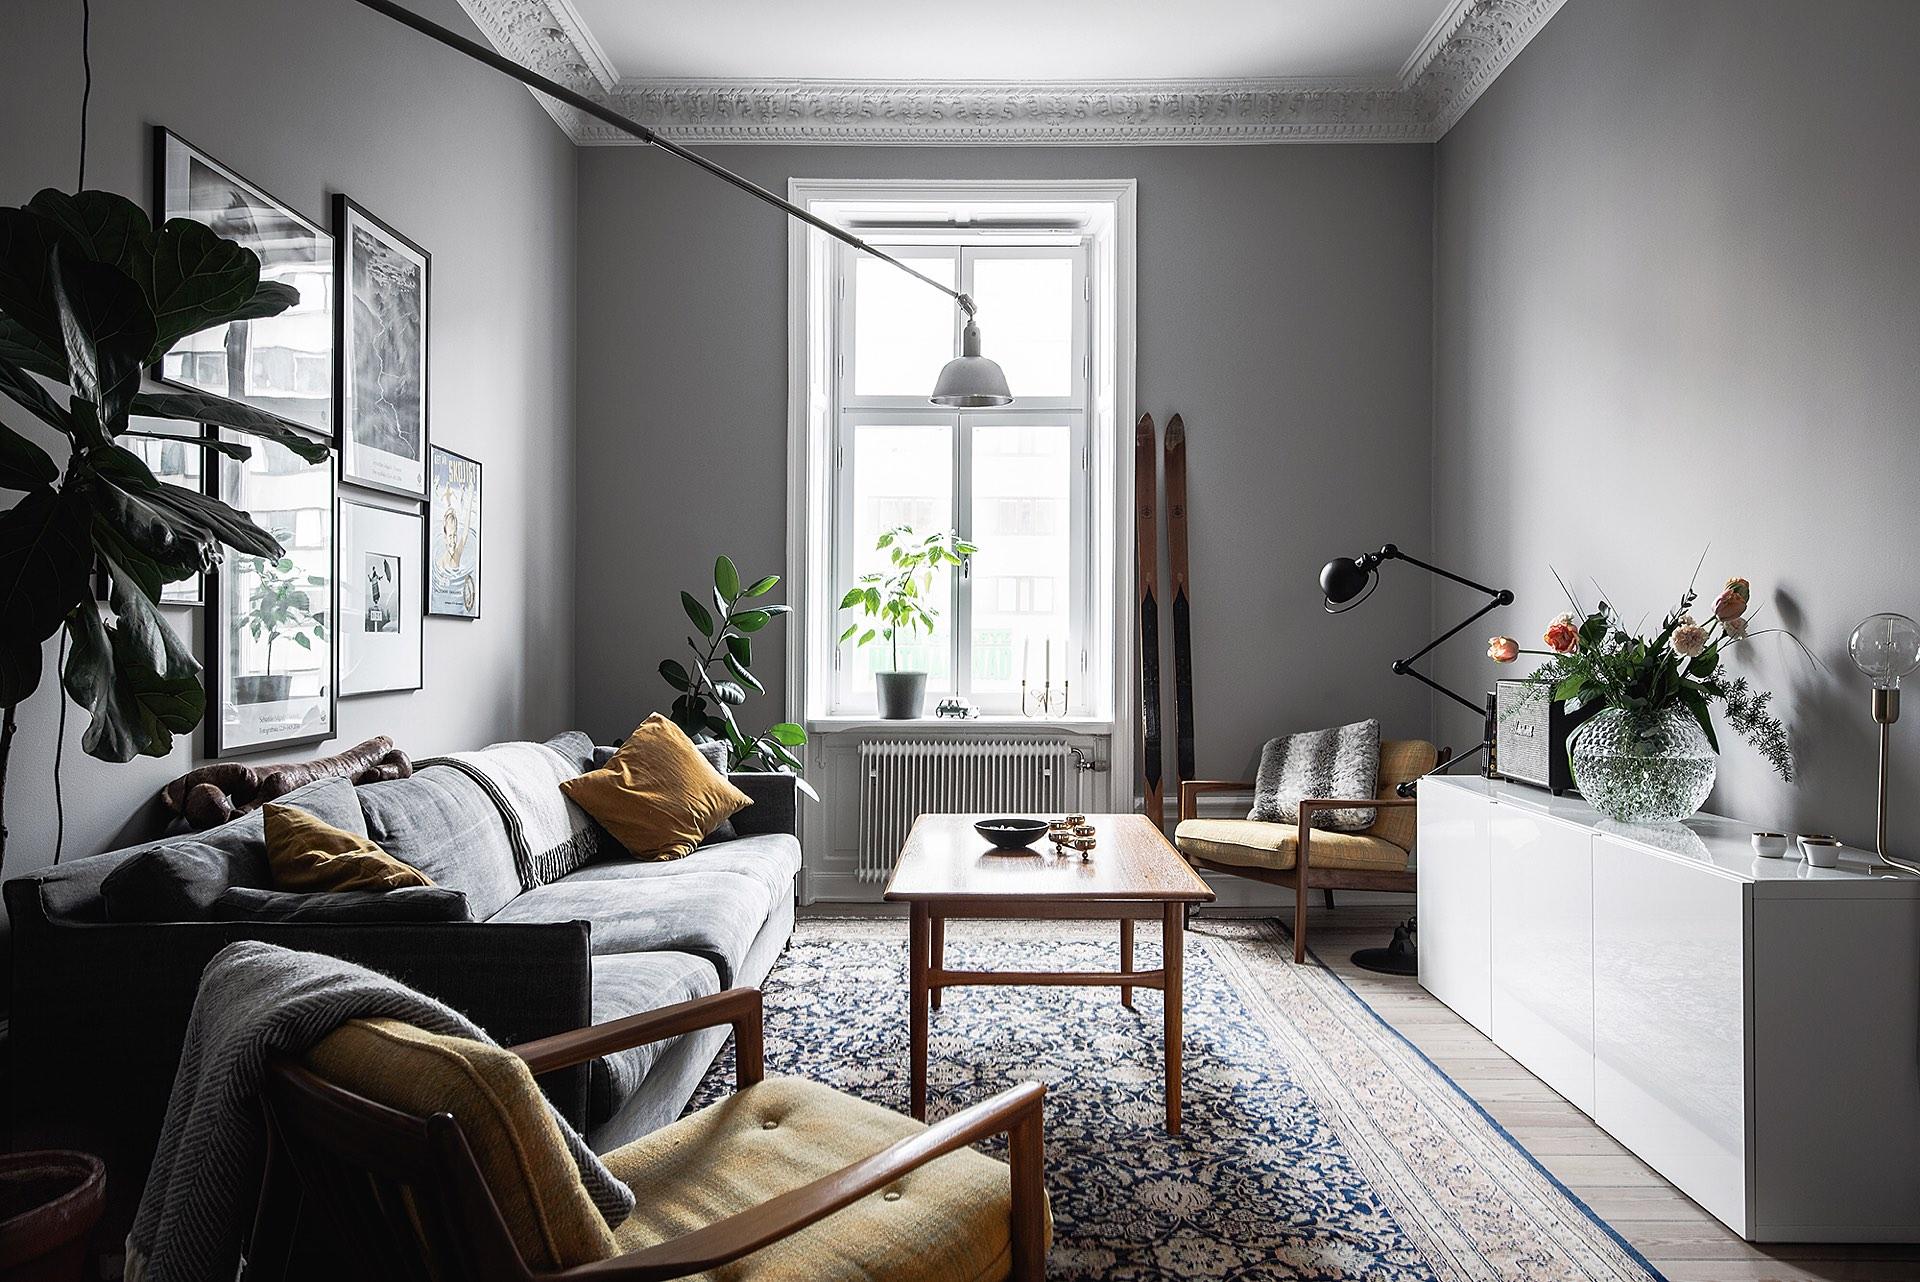 комната гостиная мебель комод ваза цветы картины ковер